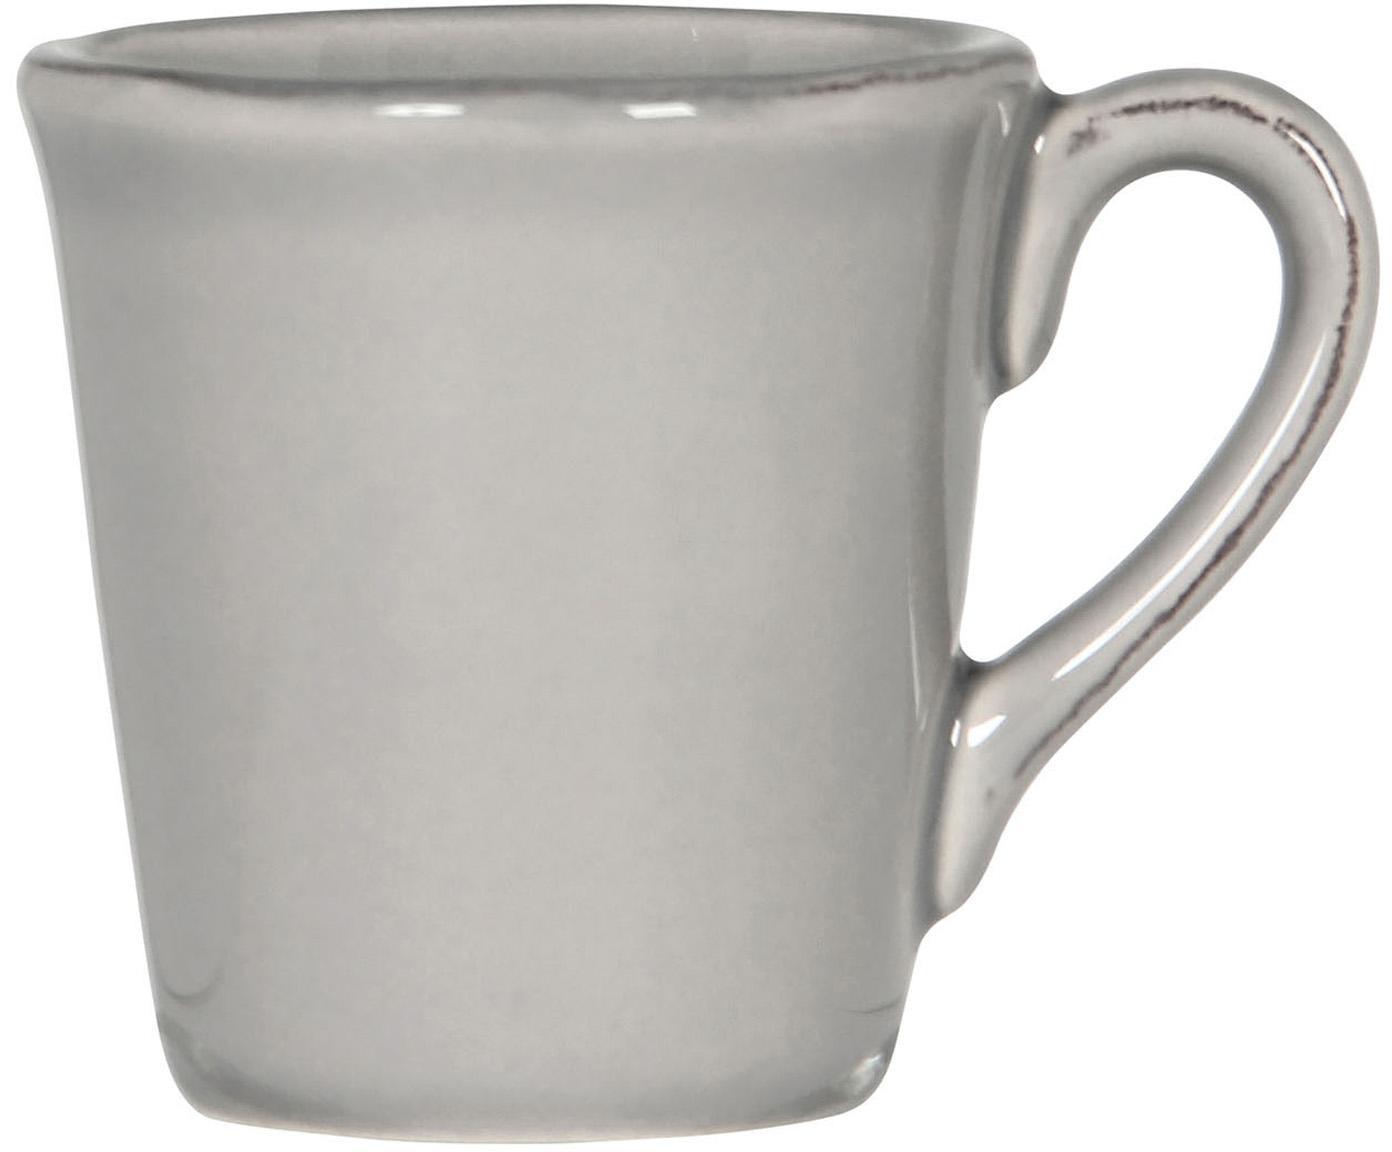 Espressokopjes Constance in grijs, 2 stuks, Keramiek, Grijs, Ø 8 x H 6 cm